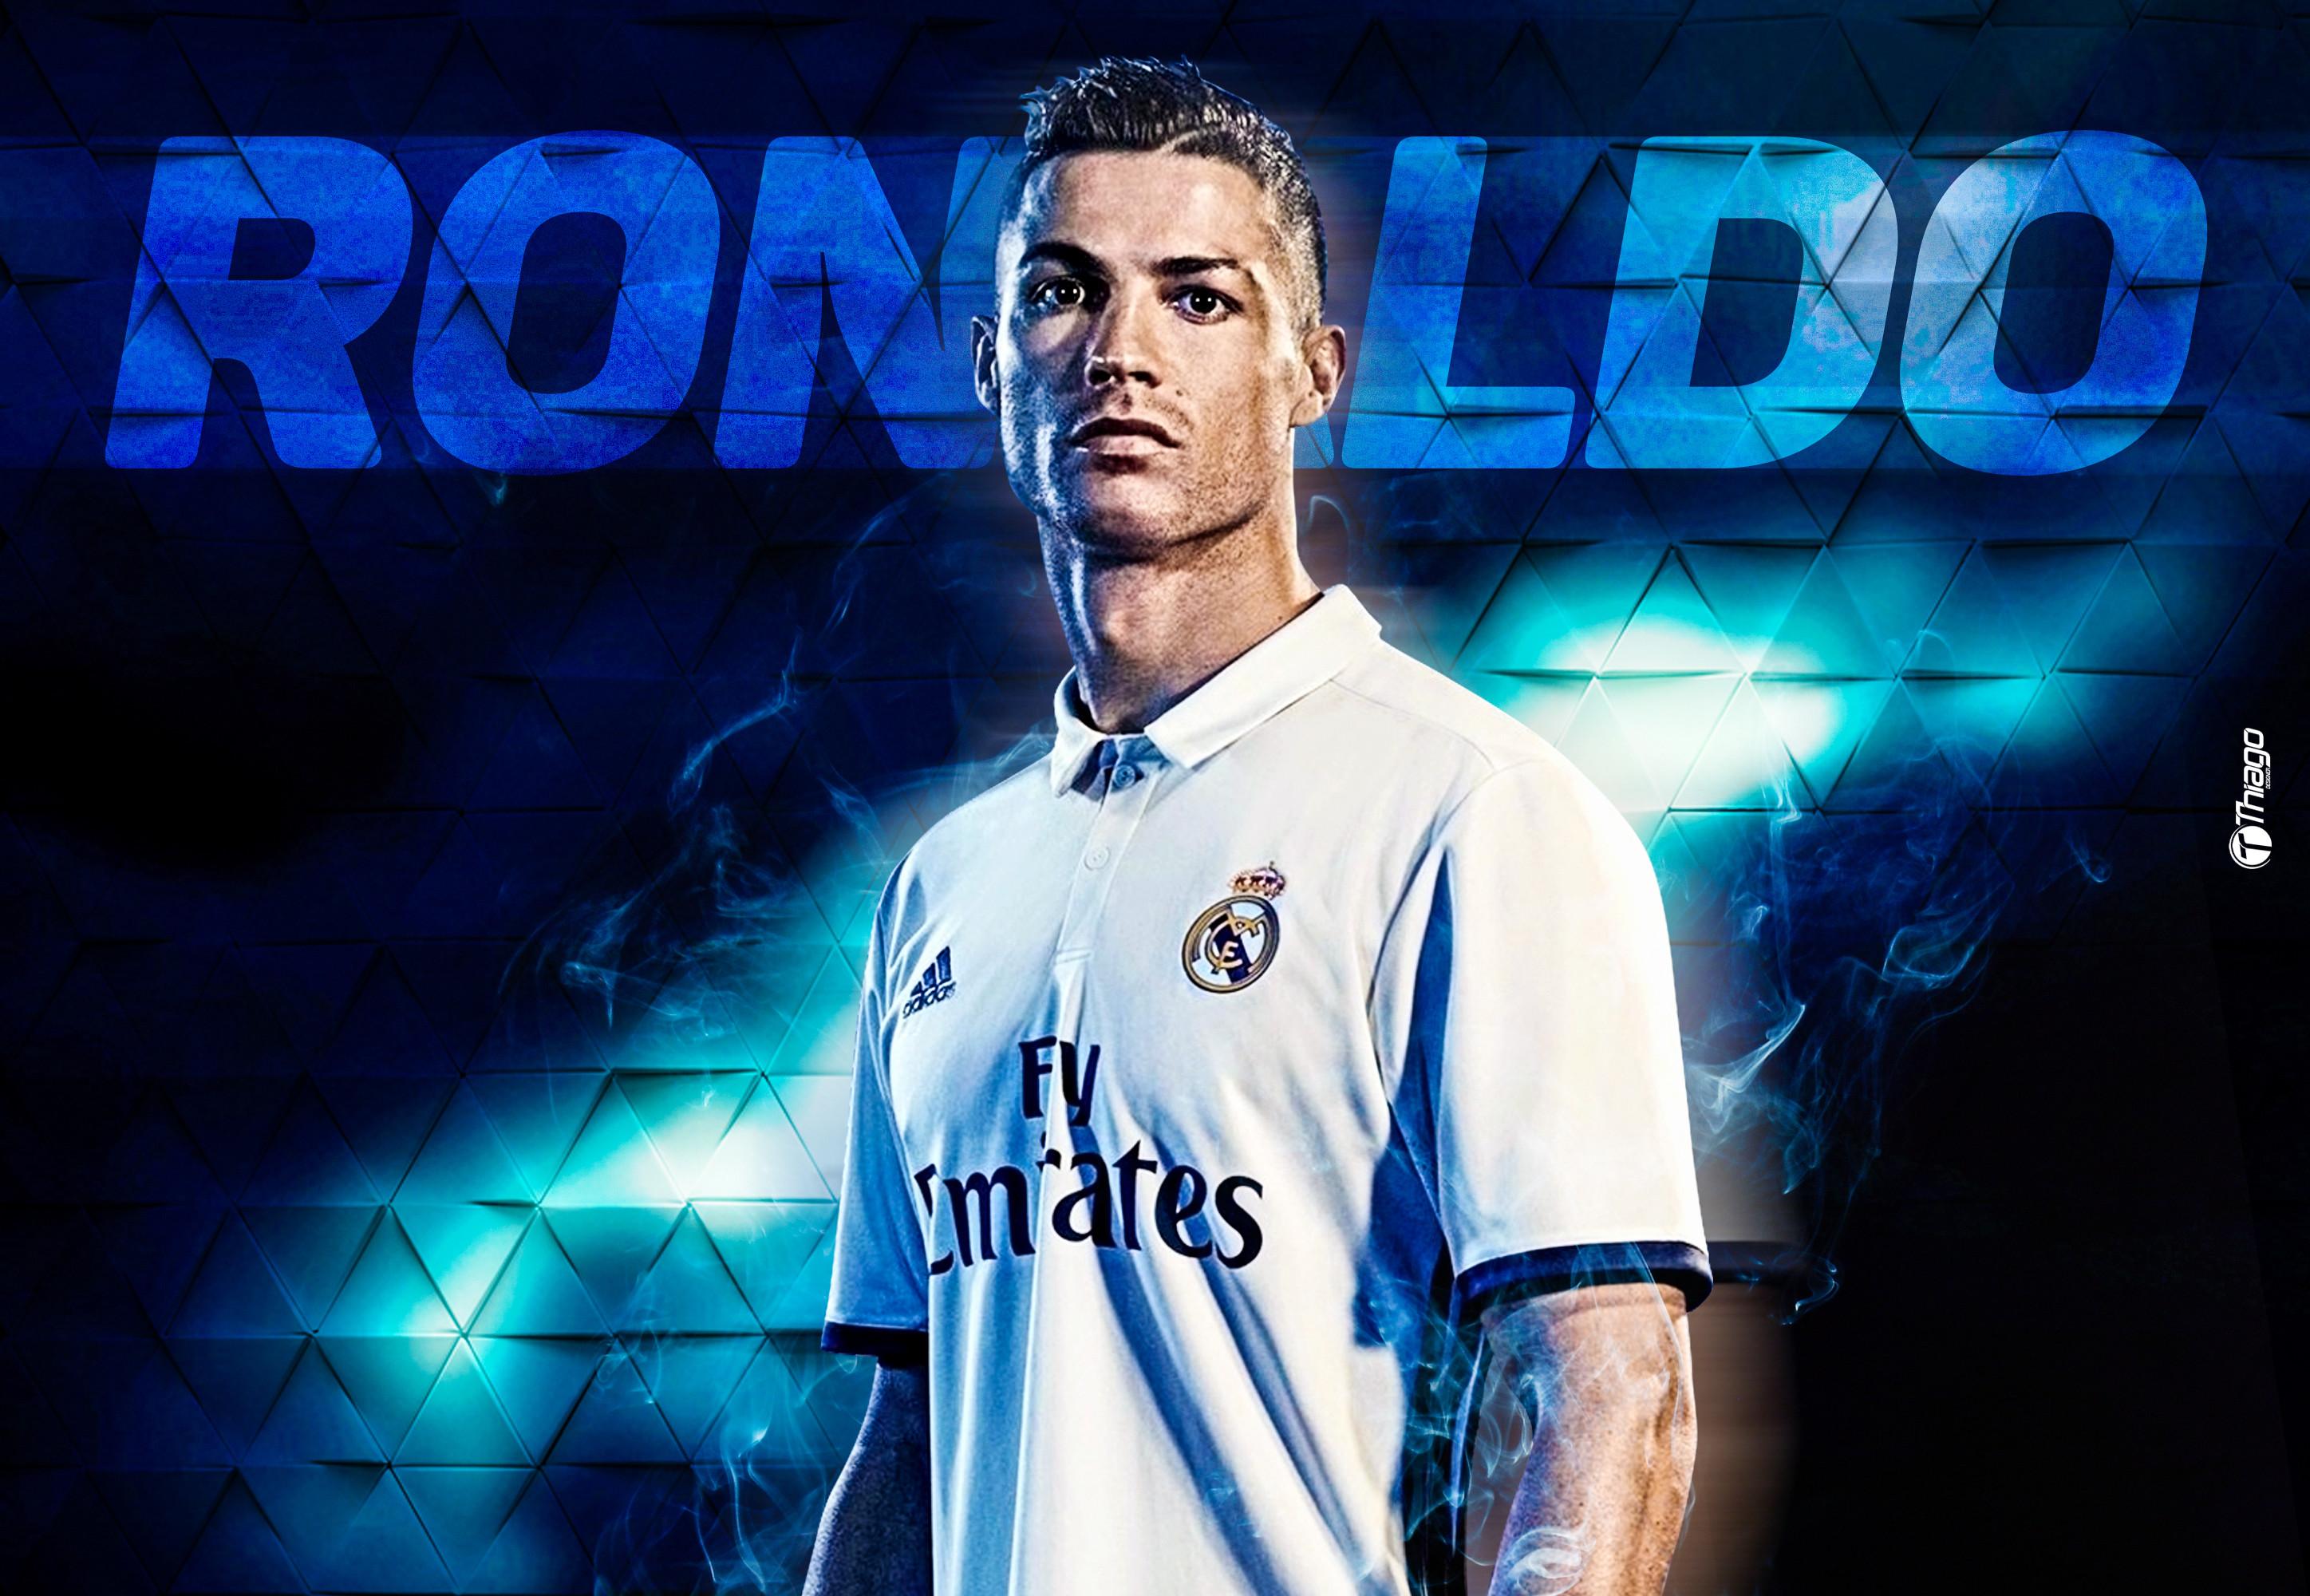 Không ai yêu bóng đá mà không biết đến anh chàng điển trai, tài năng Ronaldo này. Nếu như bạn là một fan của bóng đá và của Ronaldo, bạn đang tìm kiếm hình ...